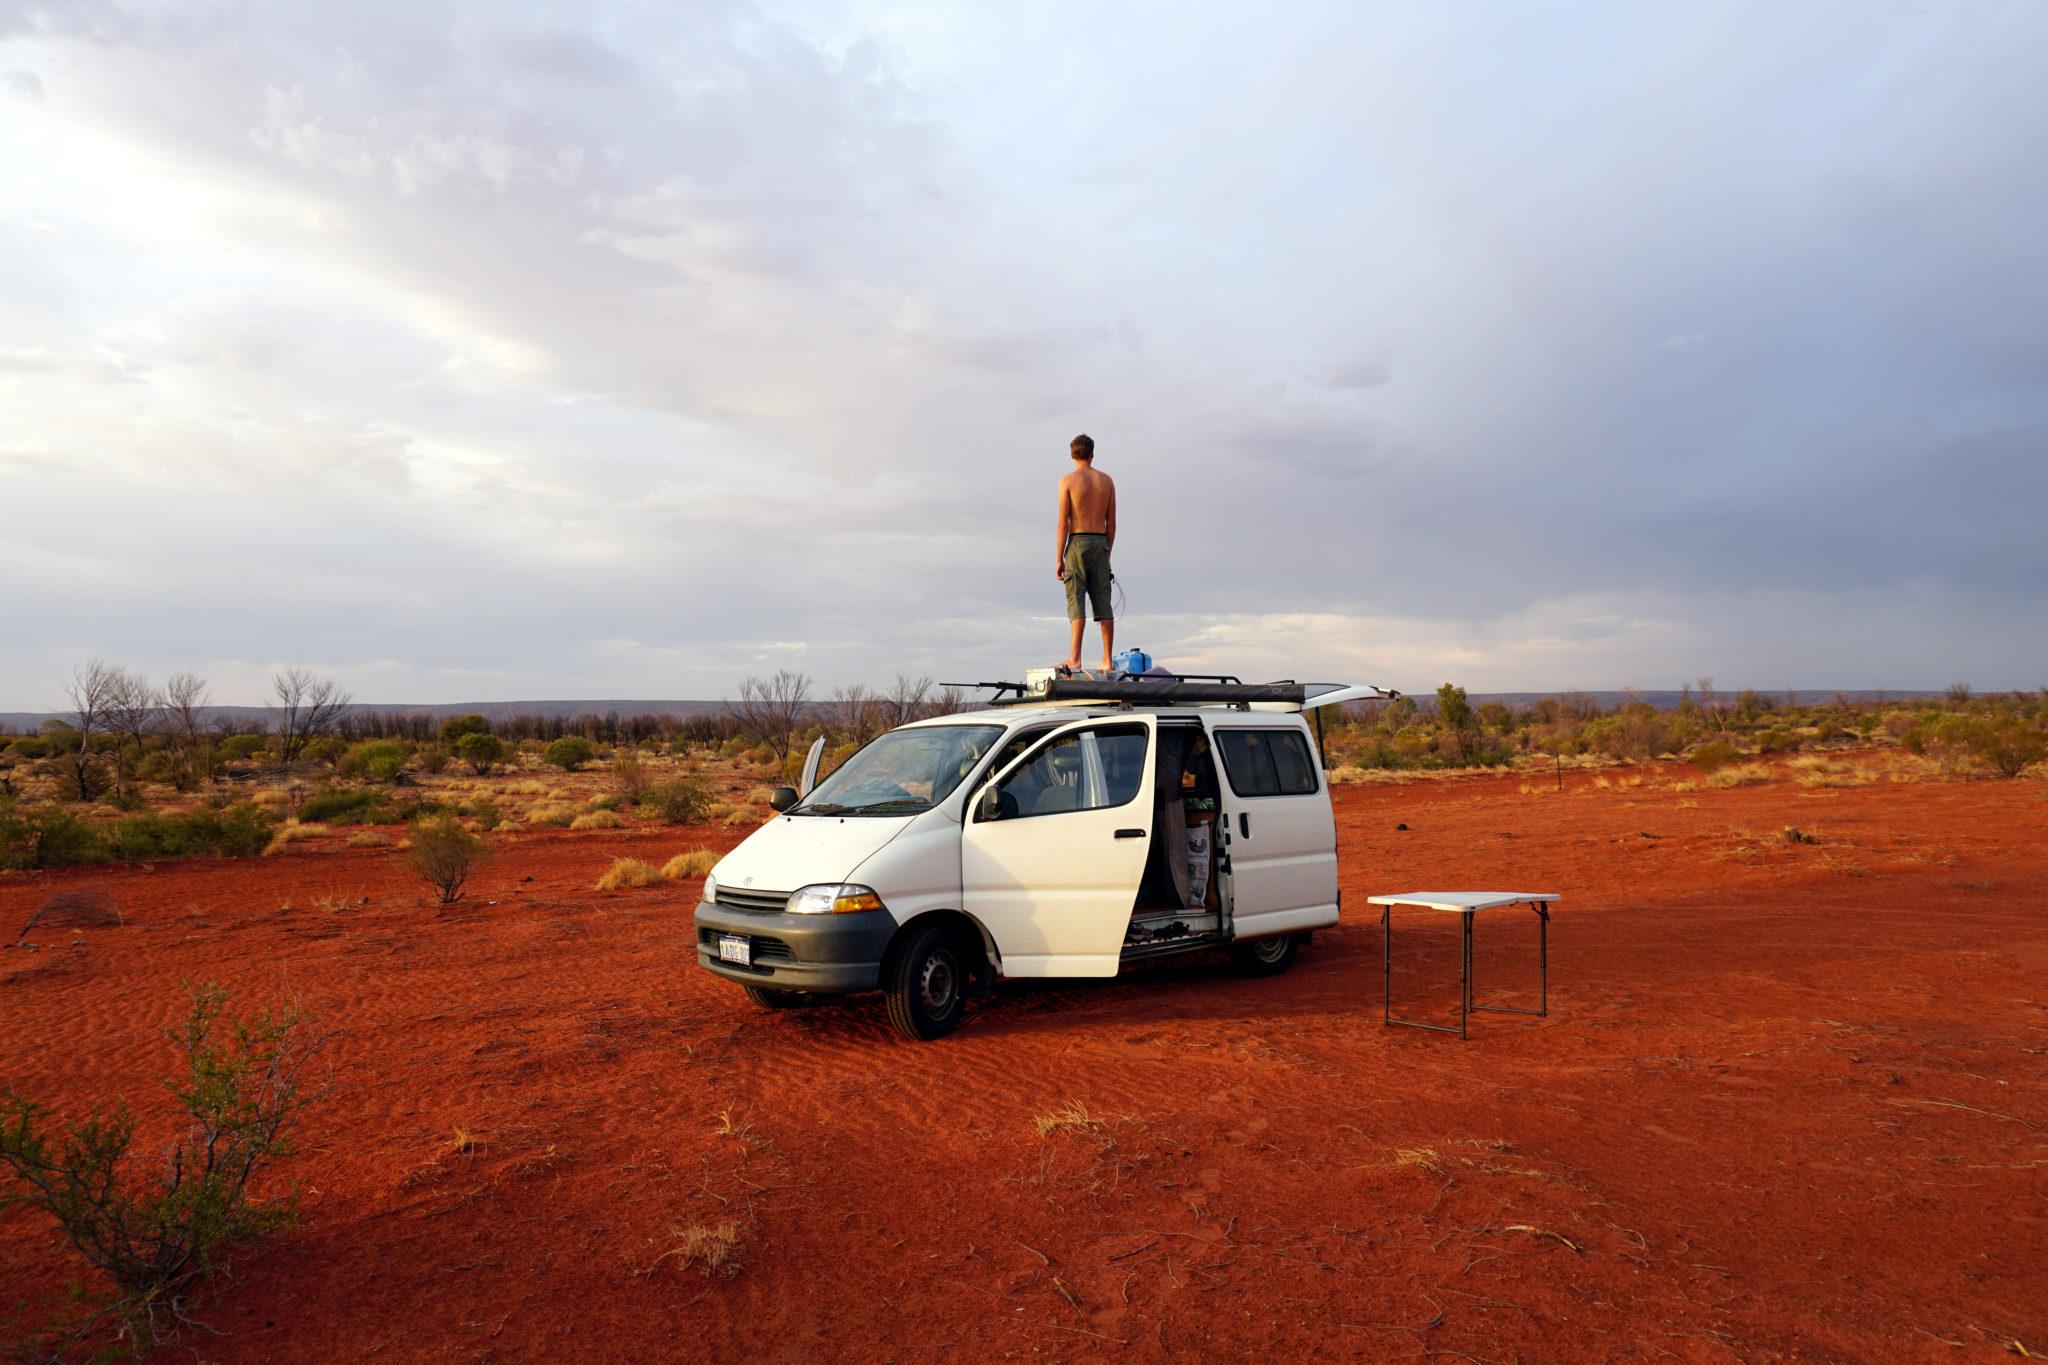 Marcel auf Campervan stehend mitten im australischen Outback